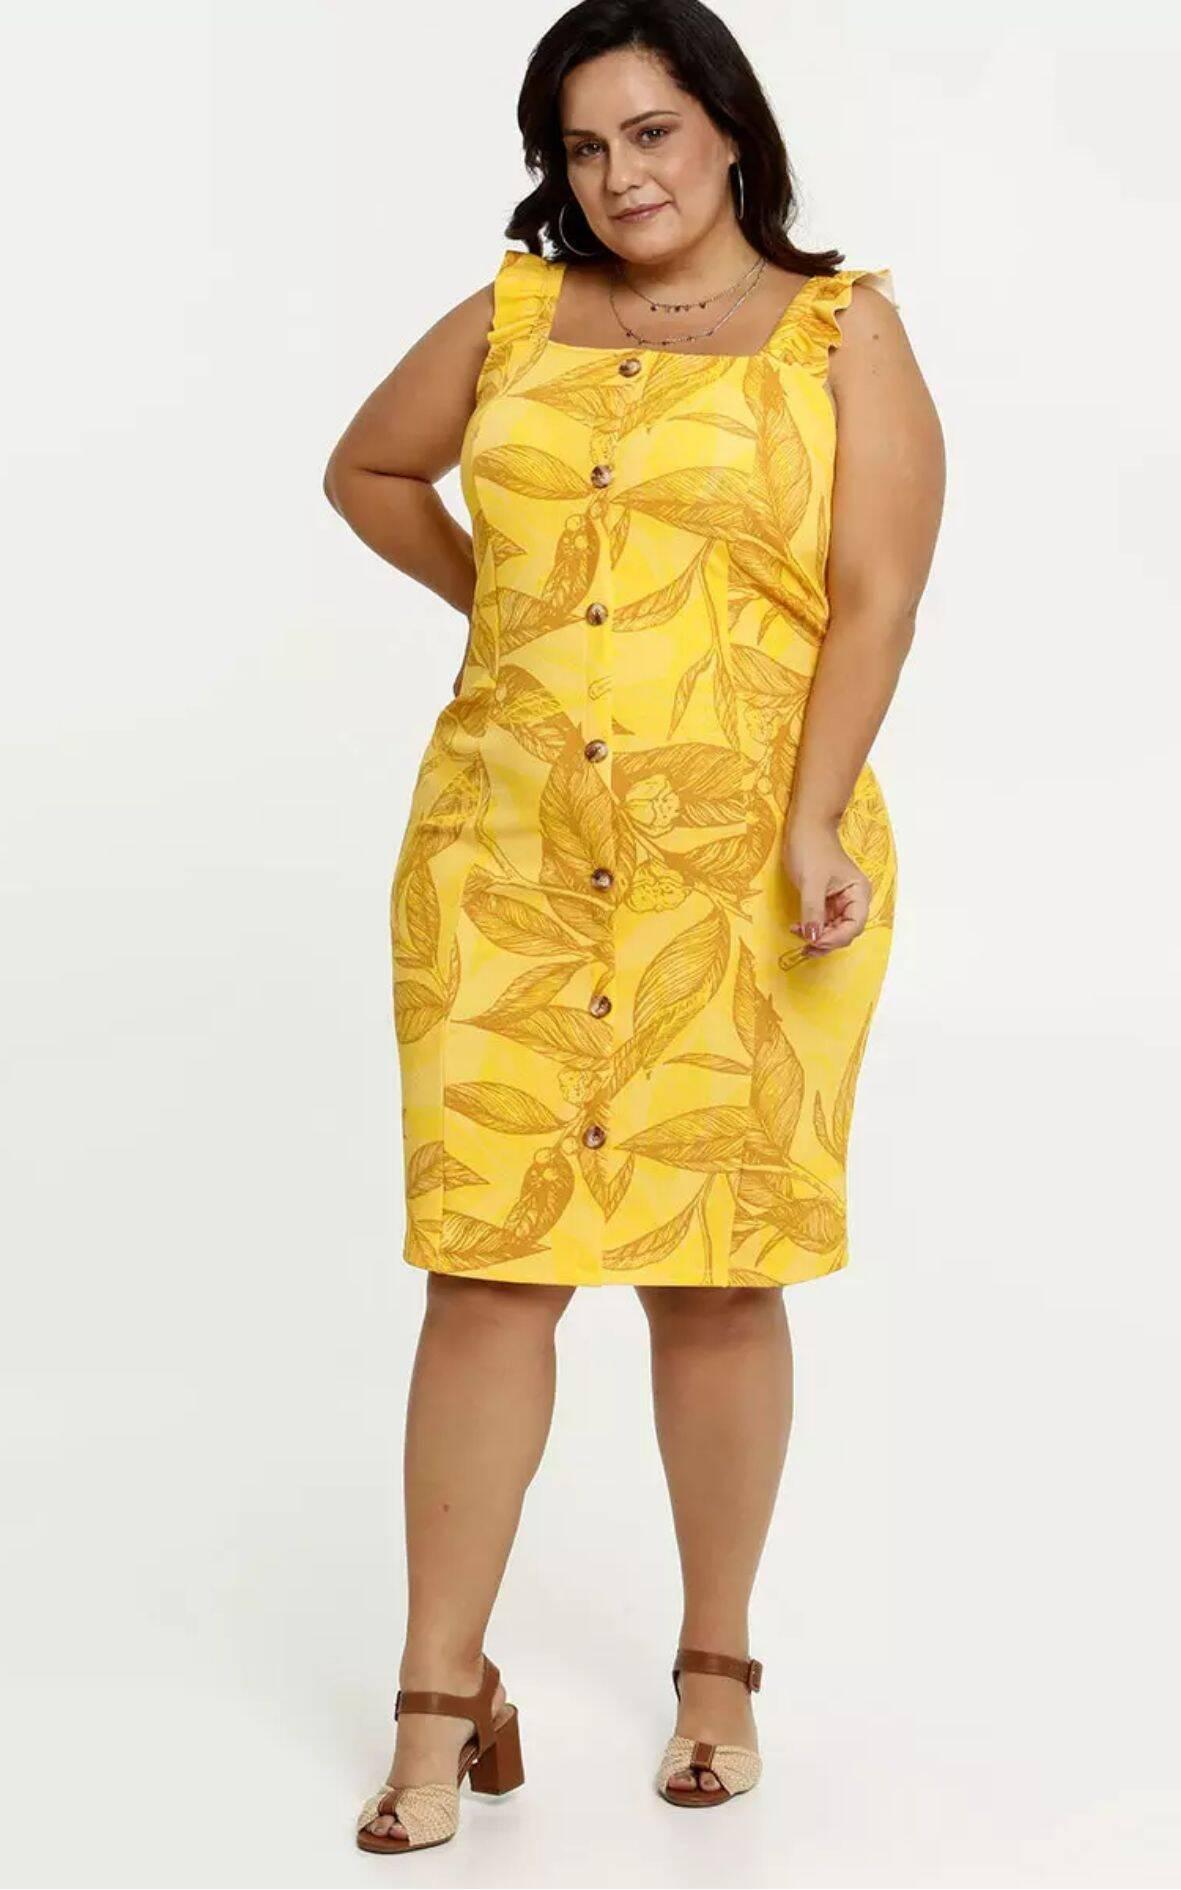 Vestido Feminino Estampa Tropical Alças Finas Plus Size | Marisa | R$ 99,95. Foto: Divulgação